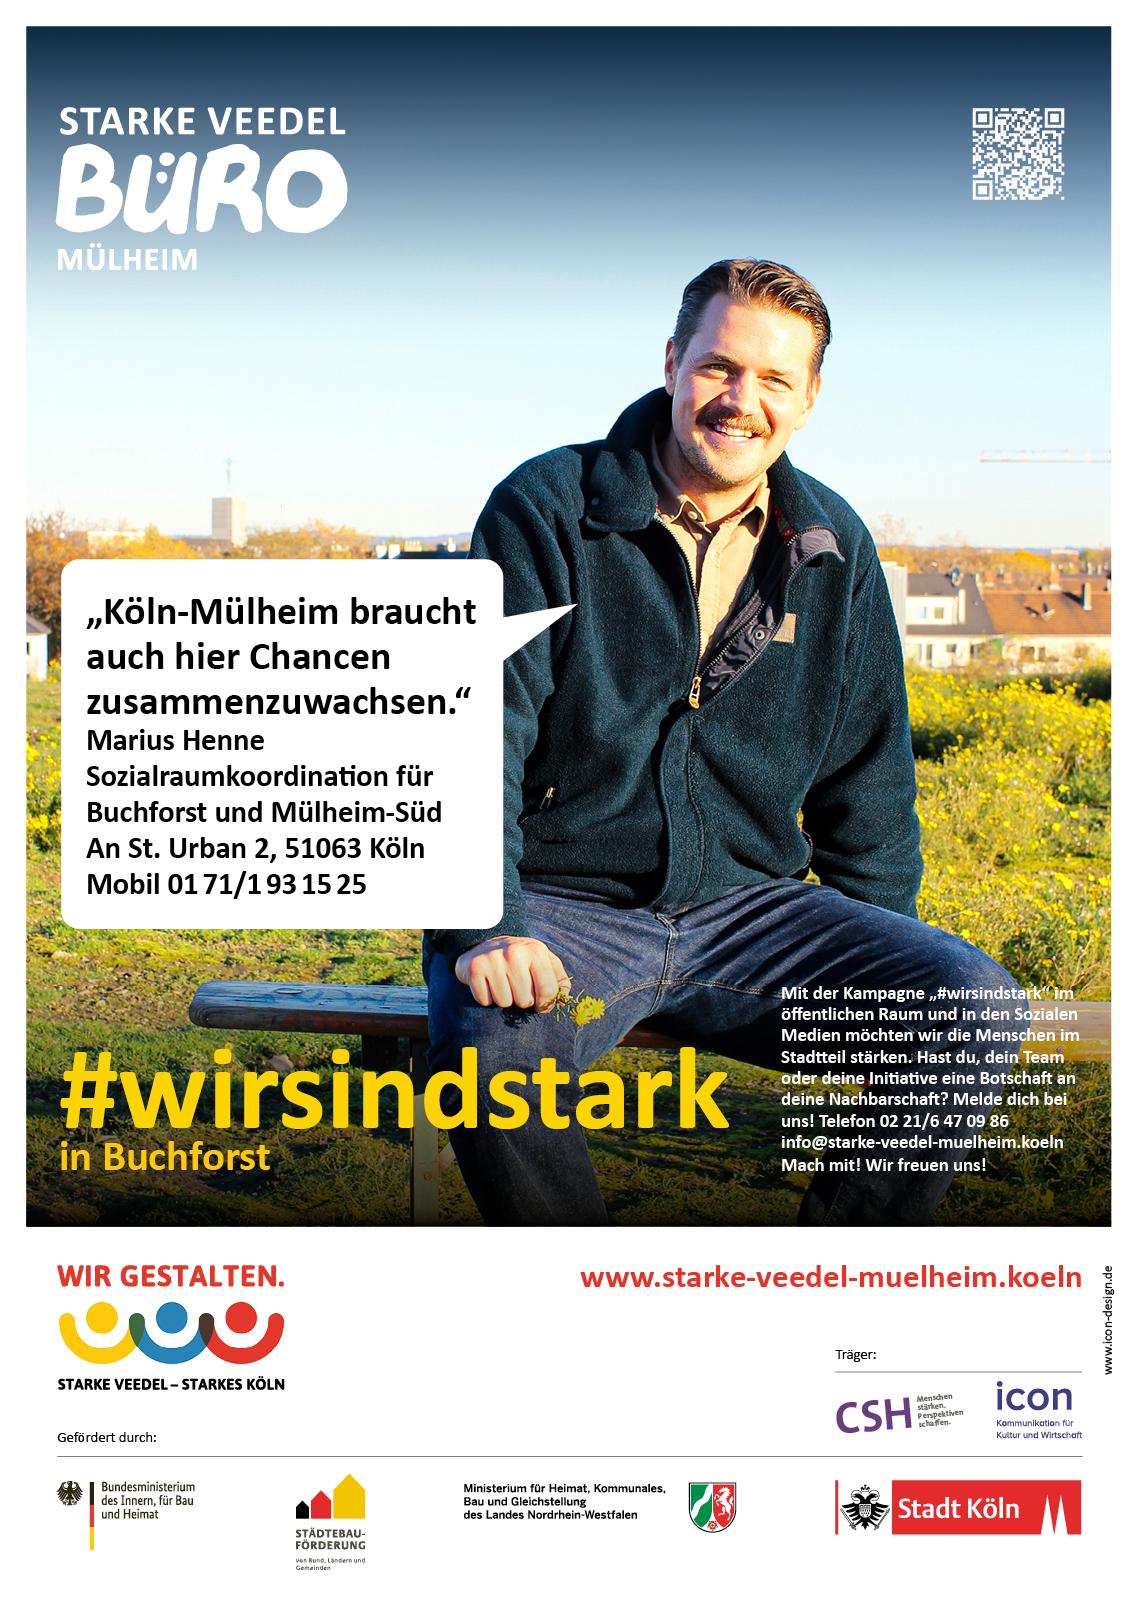 Marius Henne, Sozialraumkoordination Buchforst, Mülheim-Nord